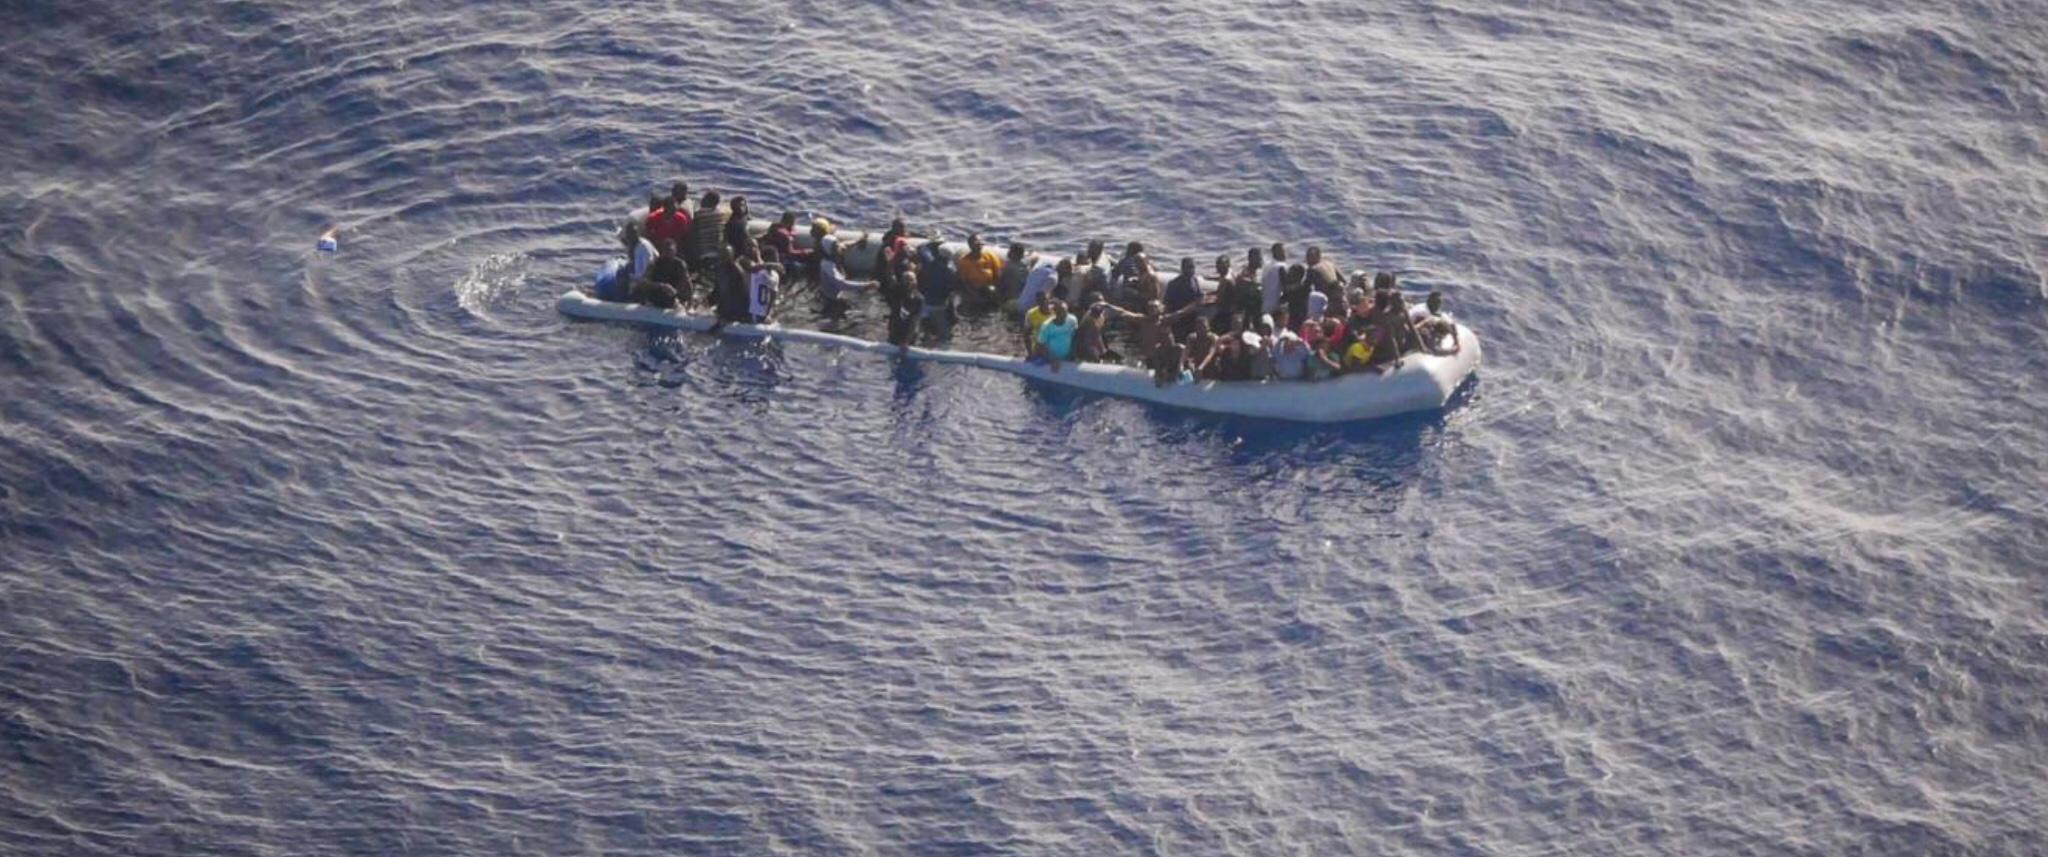 Tripoli-Malta to fight human trafficing